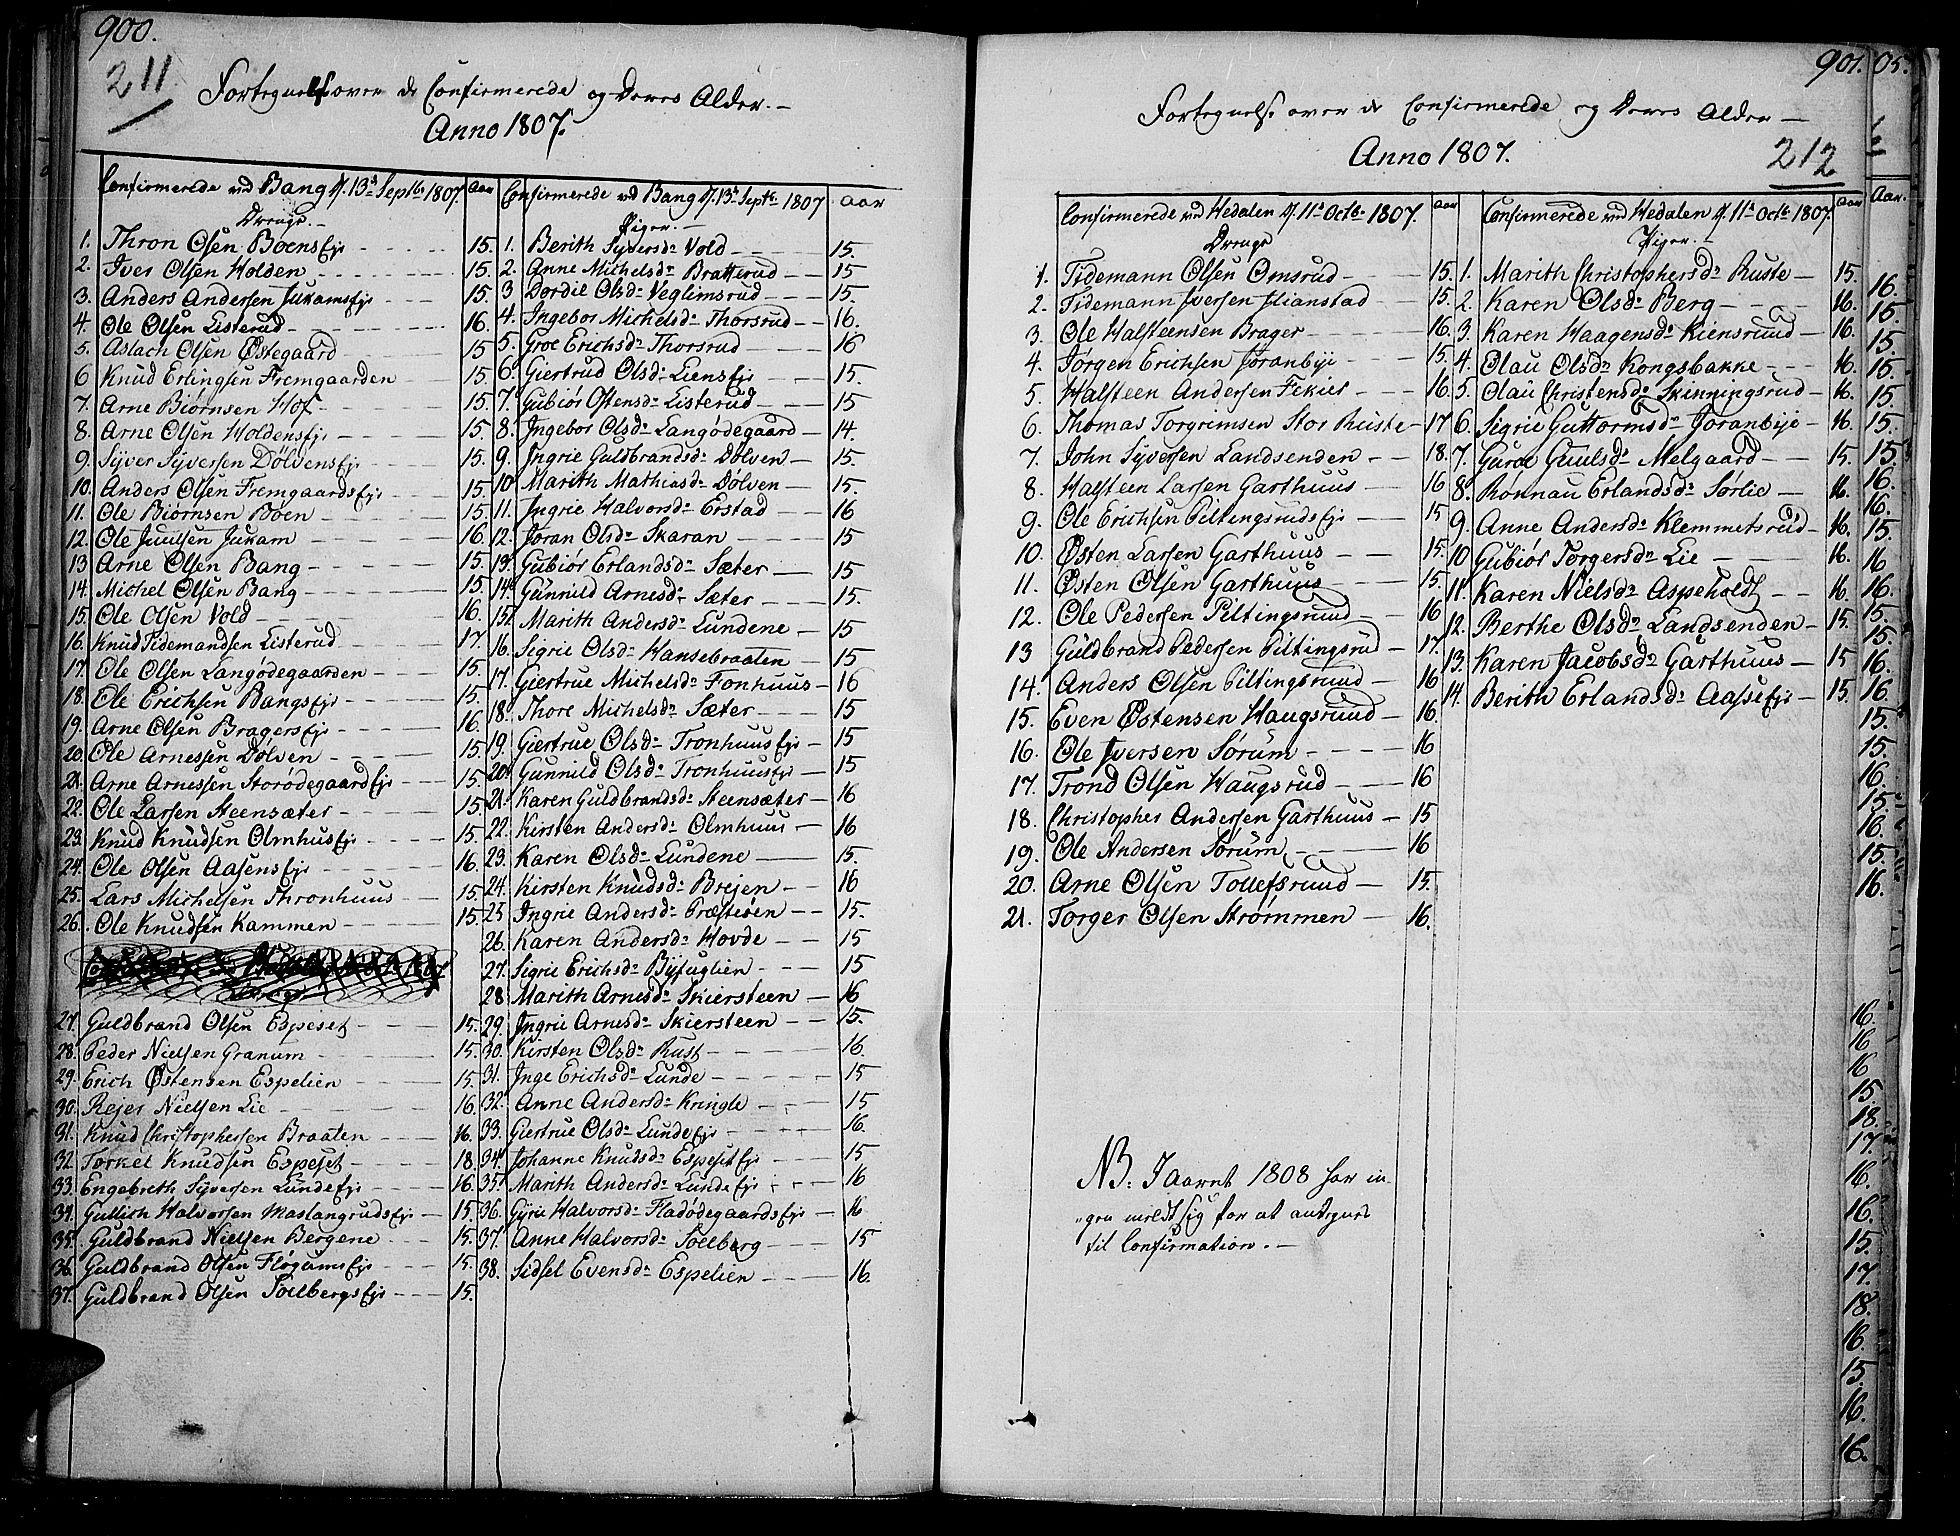 SAH, Sør-Aurdal prestekontor, Ministerialbok nr. 1, 1807-1815, s. 211-212